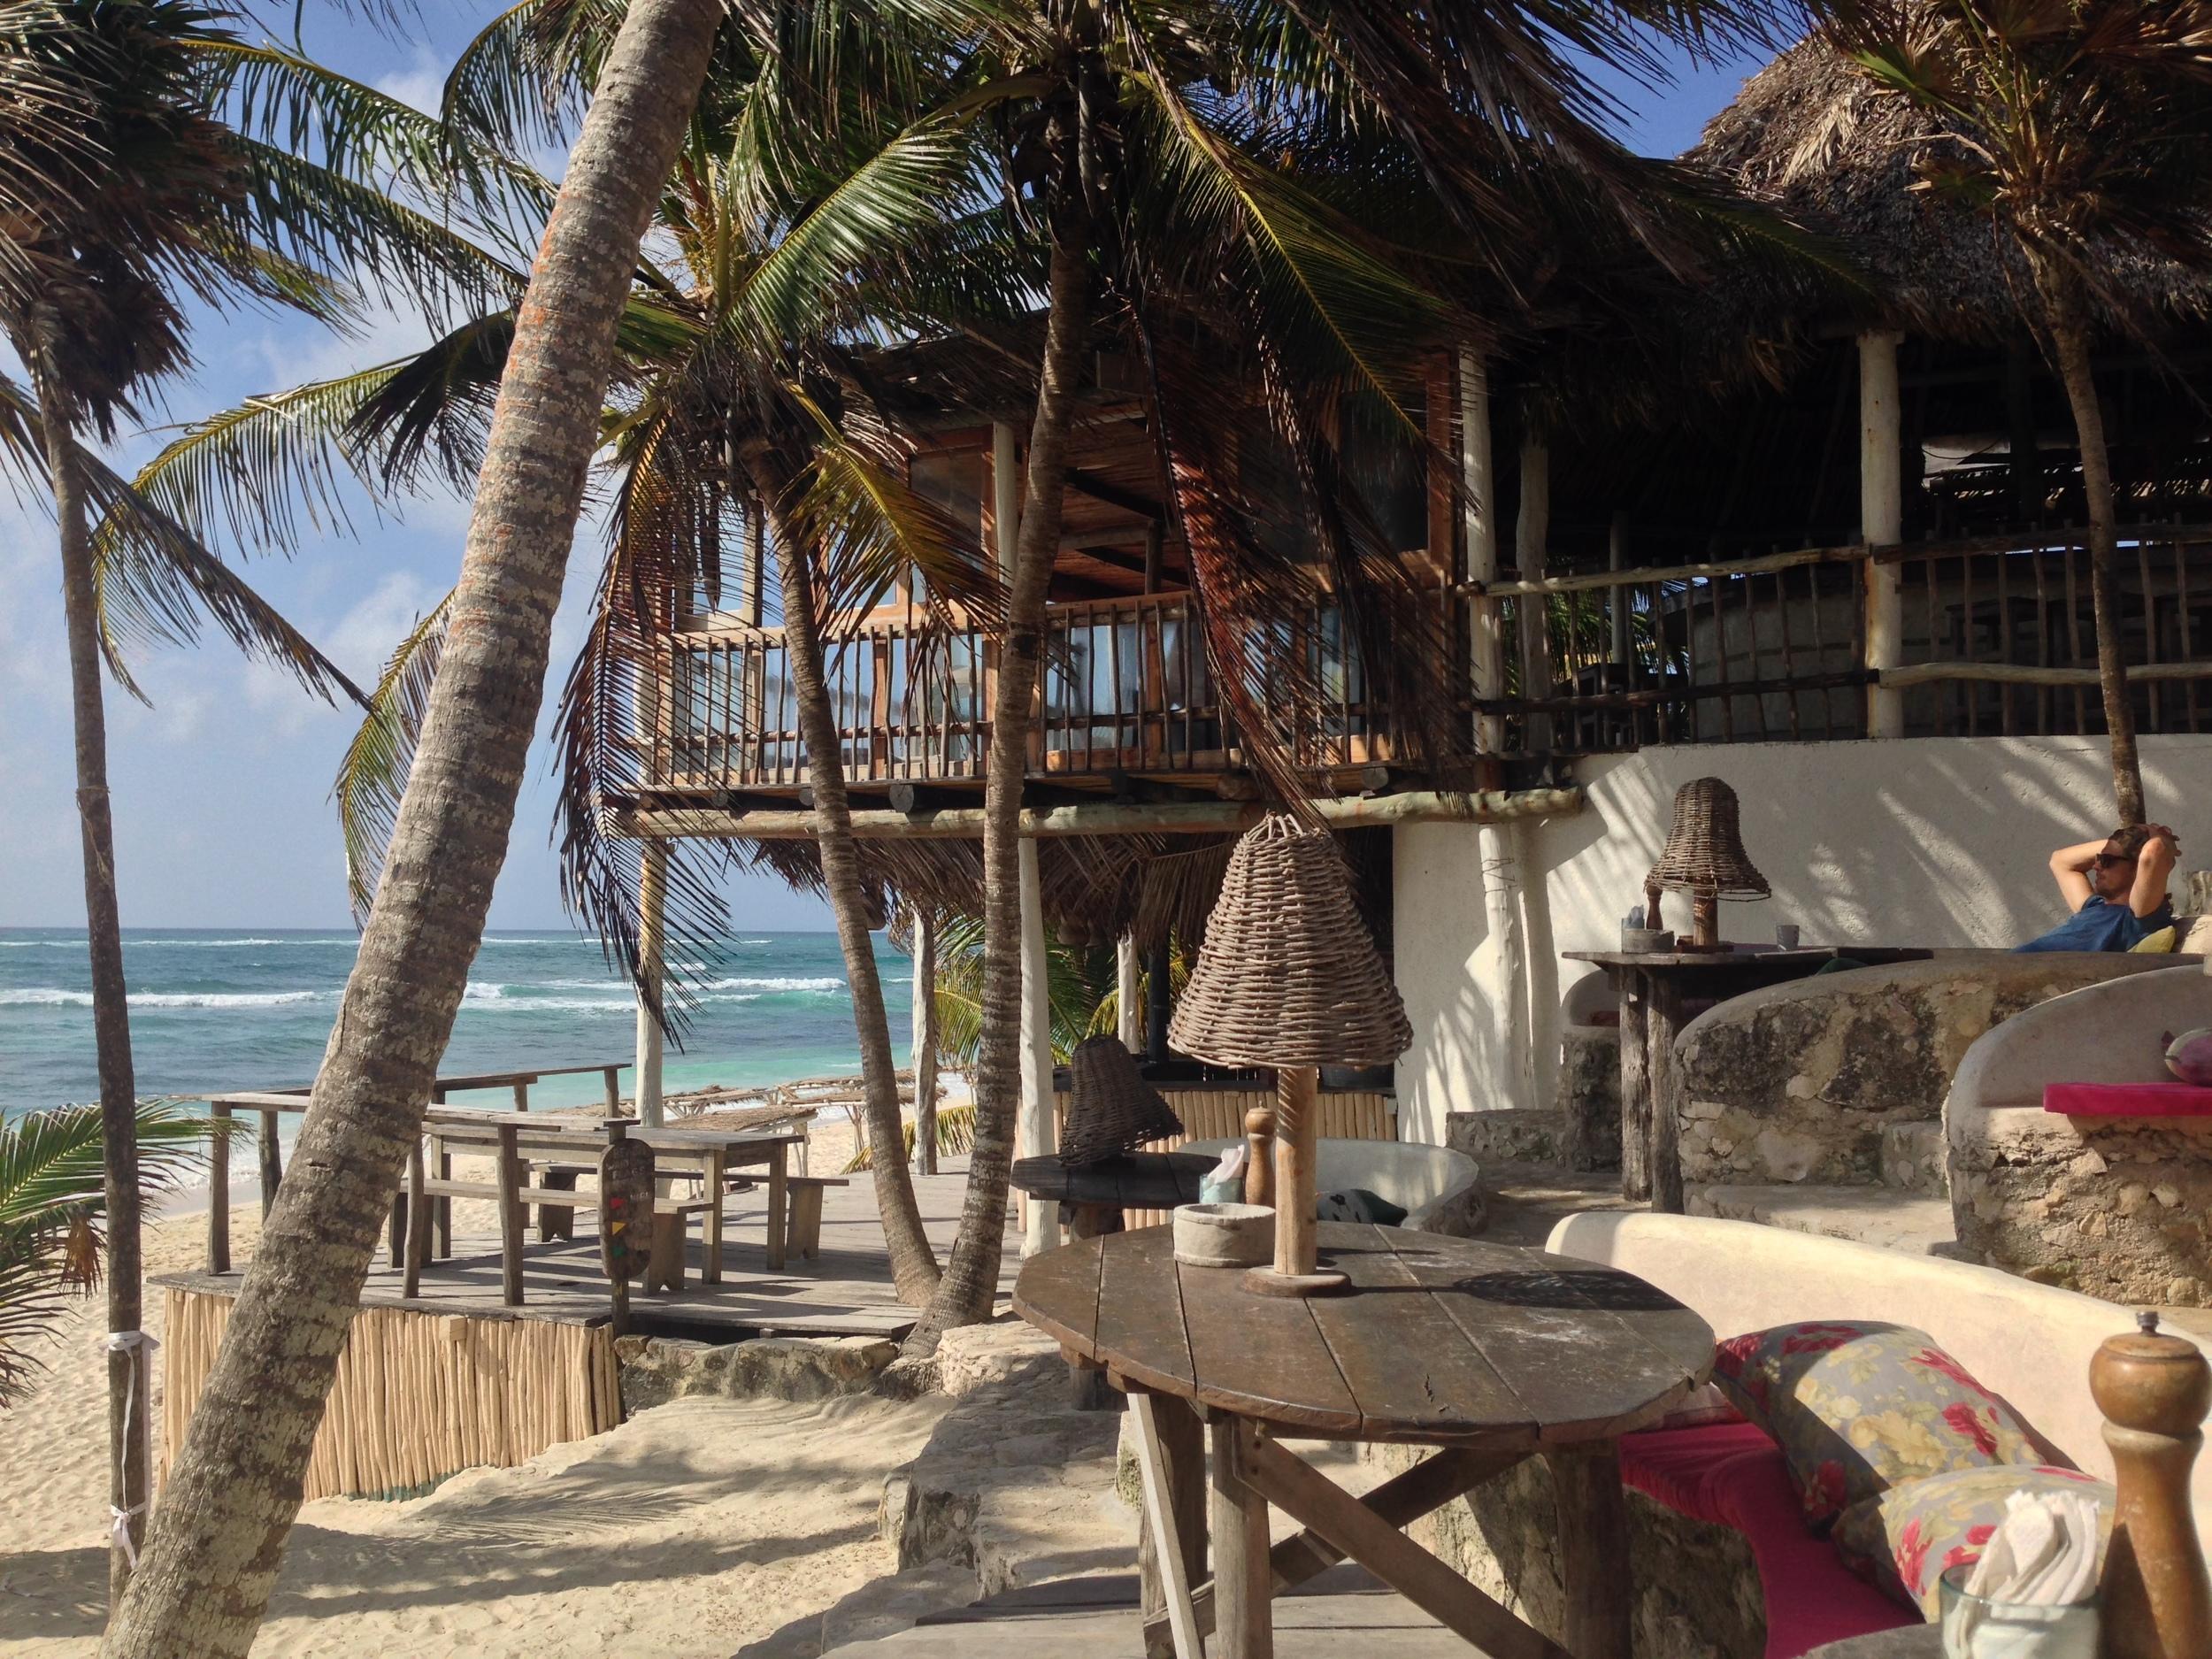 Mexico. Beach vibes at Papaya Playa Project.